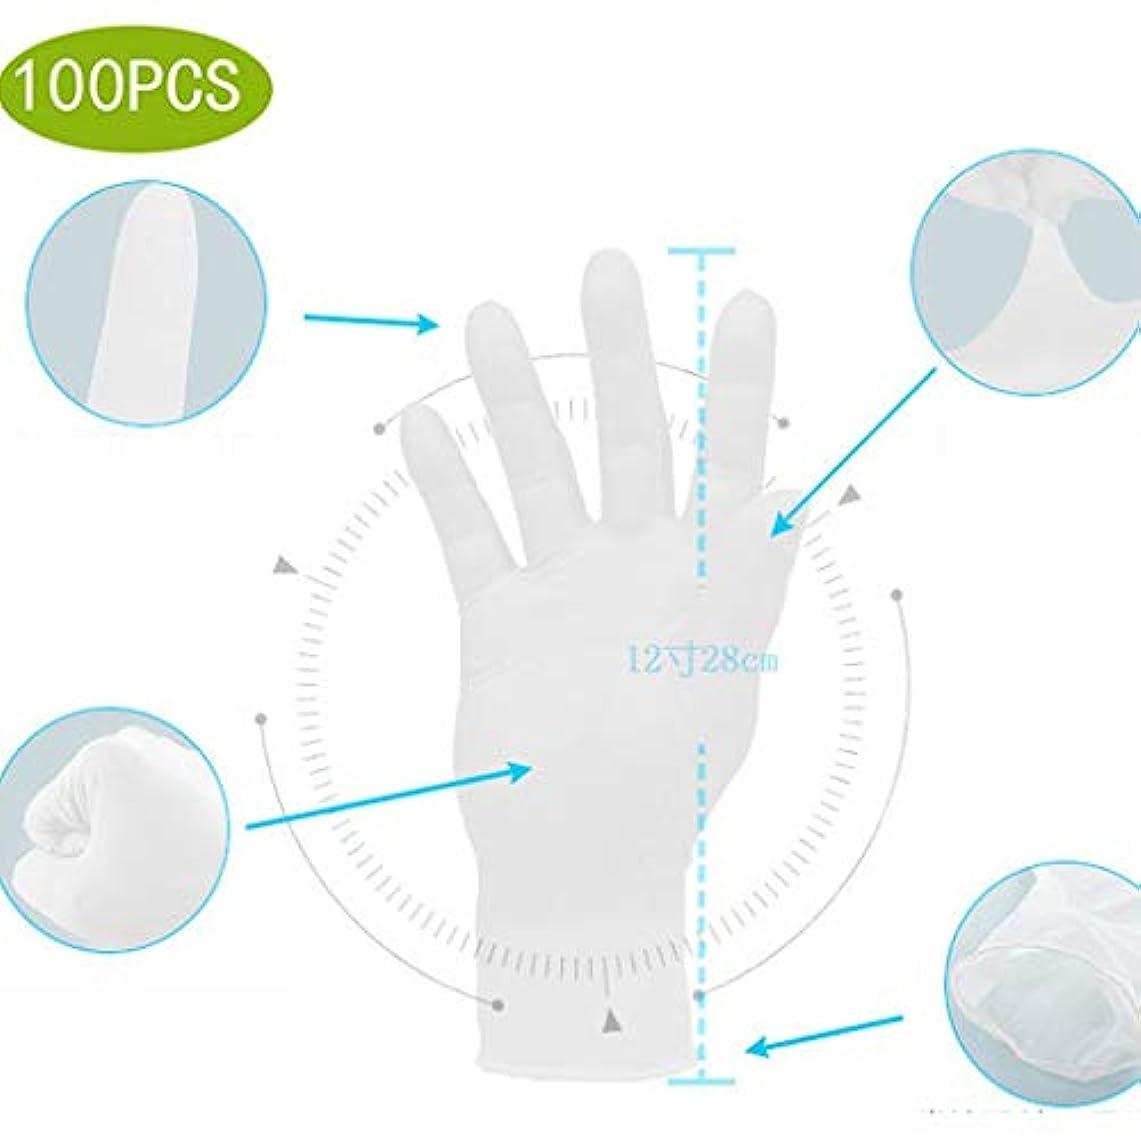 優越消毒剤身元使い捨てニトリル手袋、100箱、白手袋、食品衛生処理、医療業界での検査、ニトリル手袋 (Color : White, Size : L)